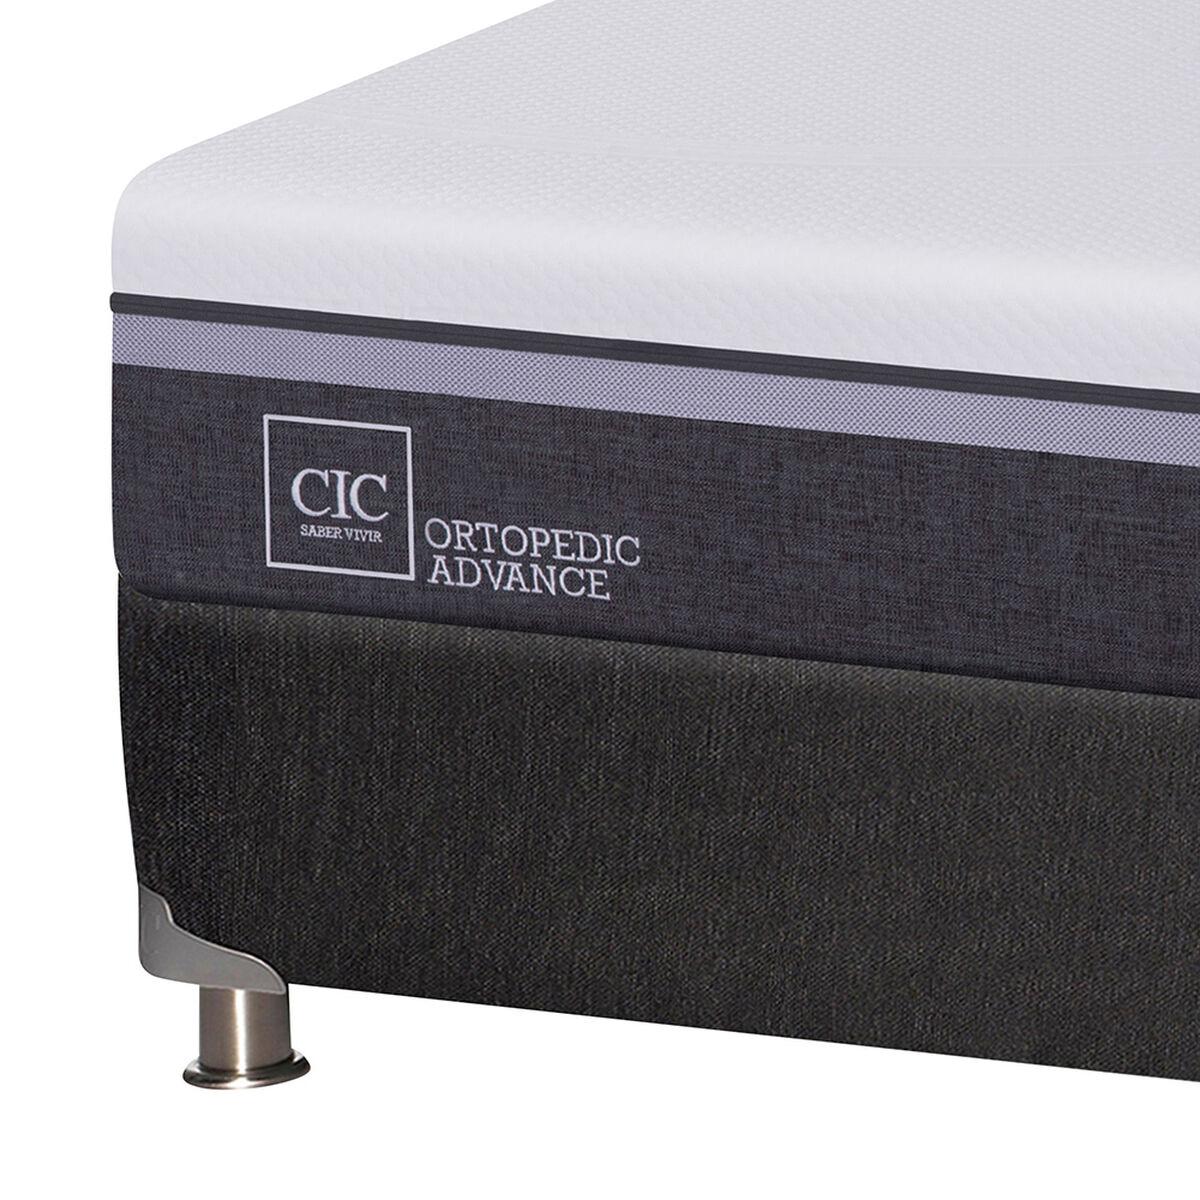 Box Spring CIC Base Dividida King Ortopedic Advance + Respaldo + 2 Veladores Baker + Almohada + Plumón